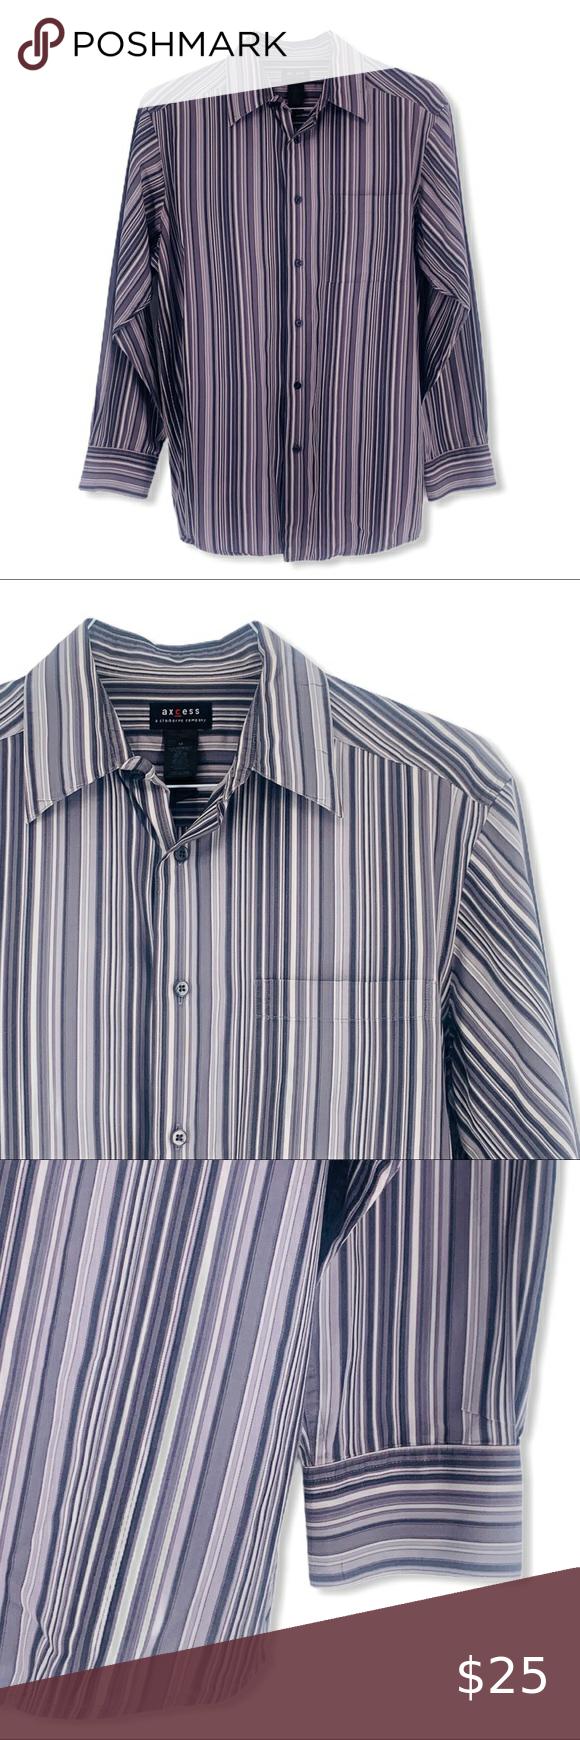 2 30 Axcess Men S Vertical Stripe Dress Shirt Med Vertical Striped Dress Shirt Dress Mens Shirt Dress [ 1740 x 580 Pixel ]